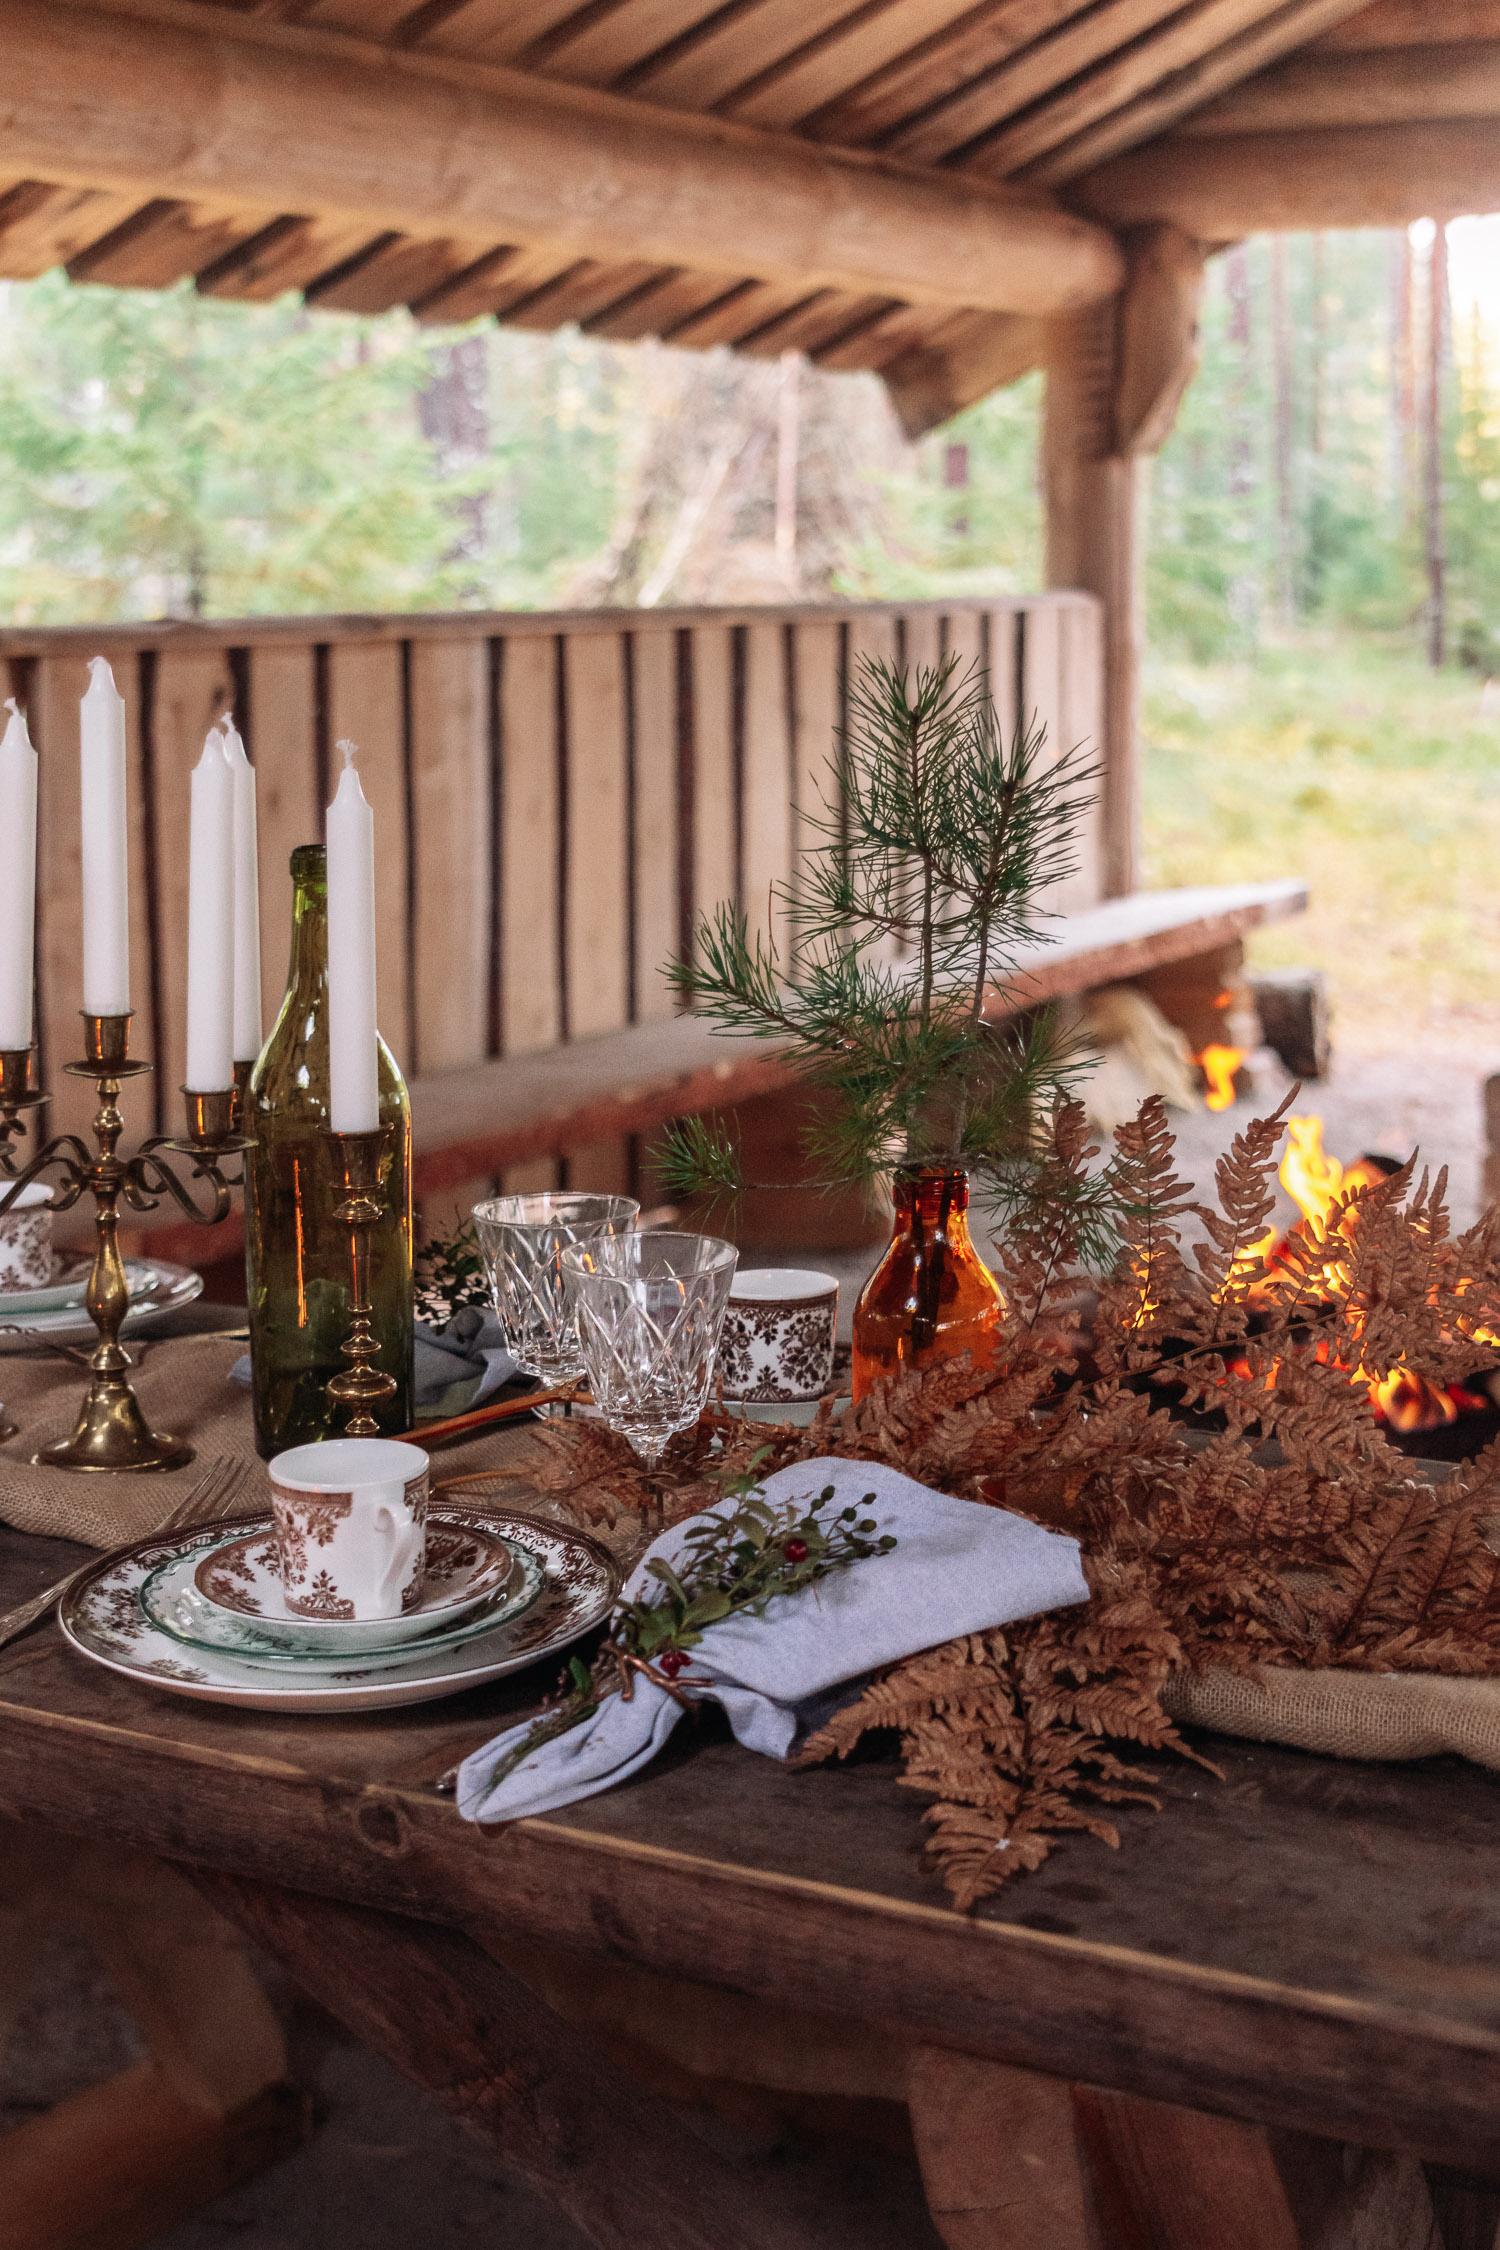 Vackert uppdukat på träbord i skogen med Fröken Julies Porslin i Örebro